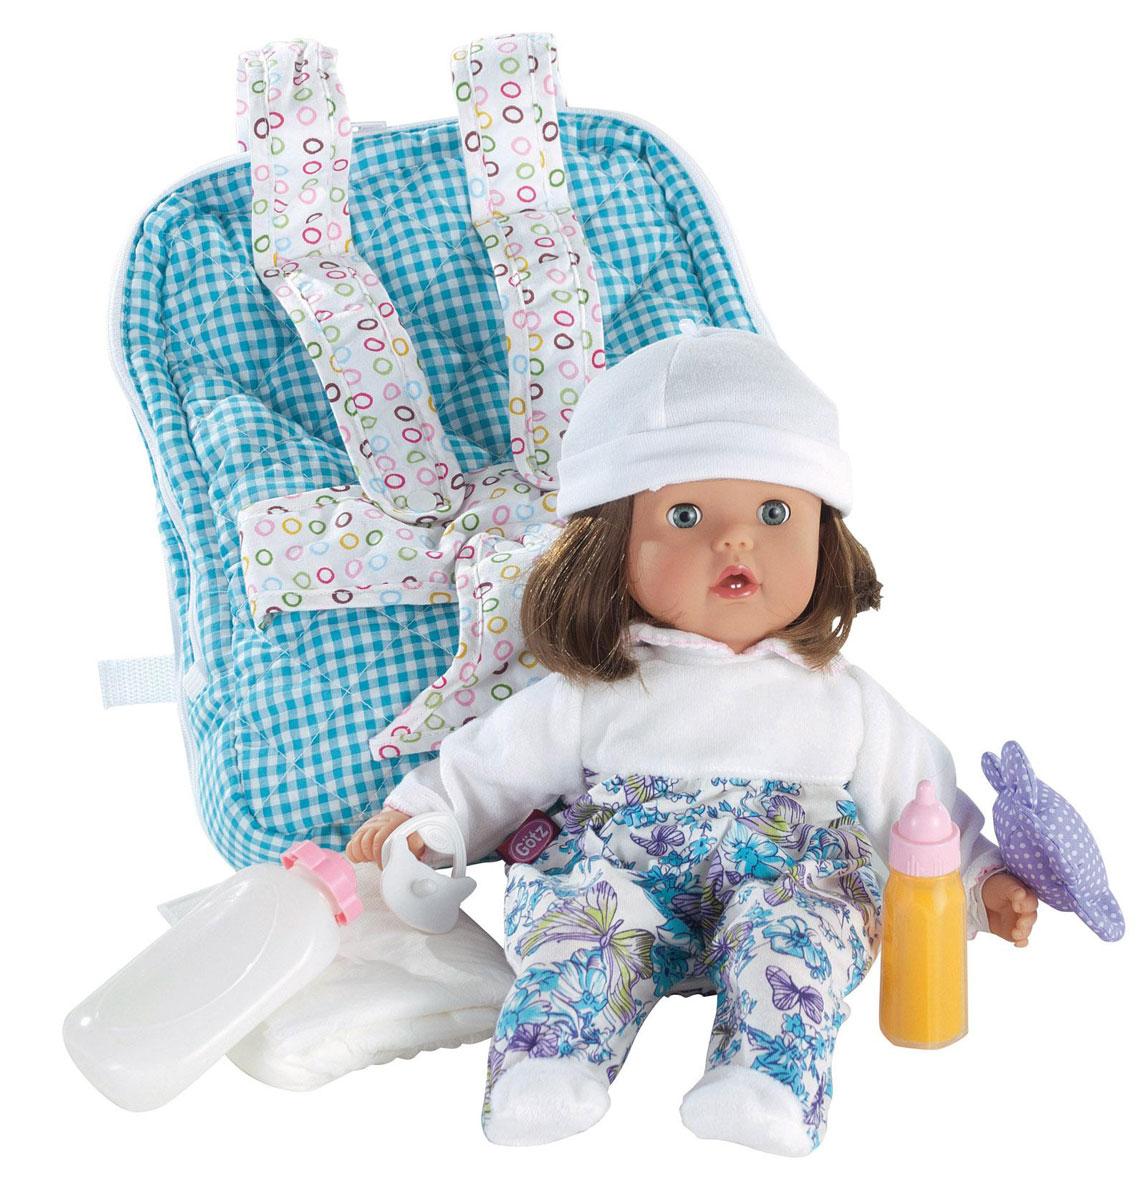 Gotz Игровой набор с пупсом Малышка Ханна